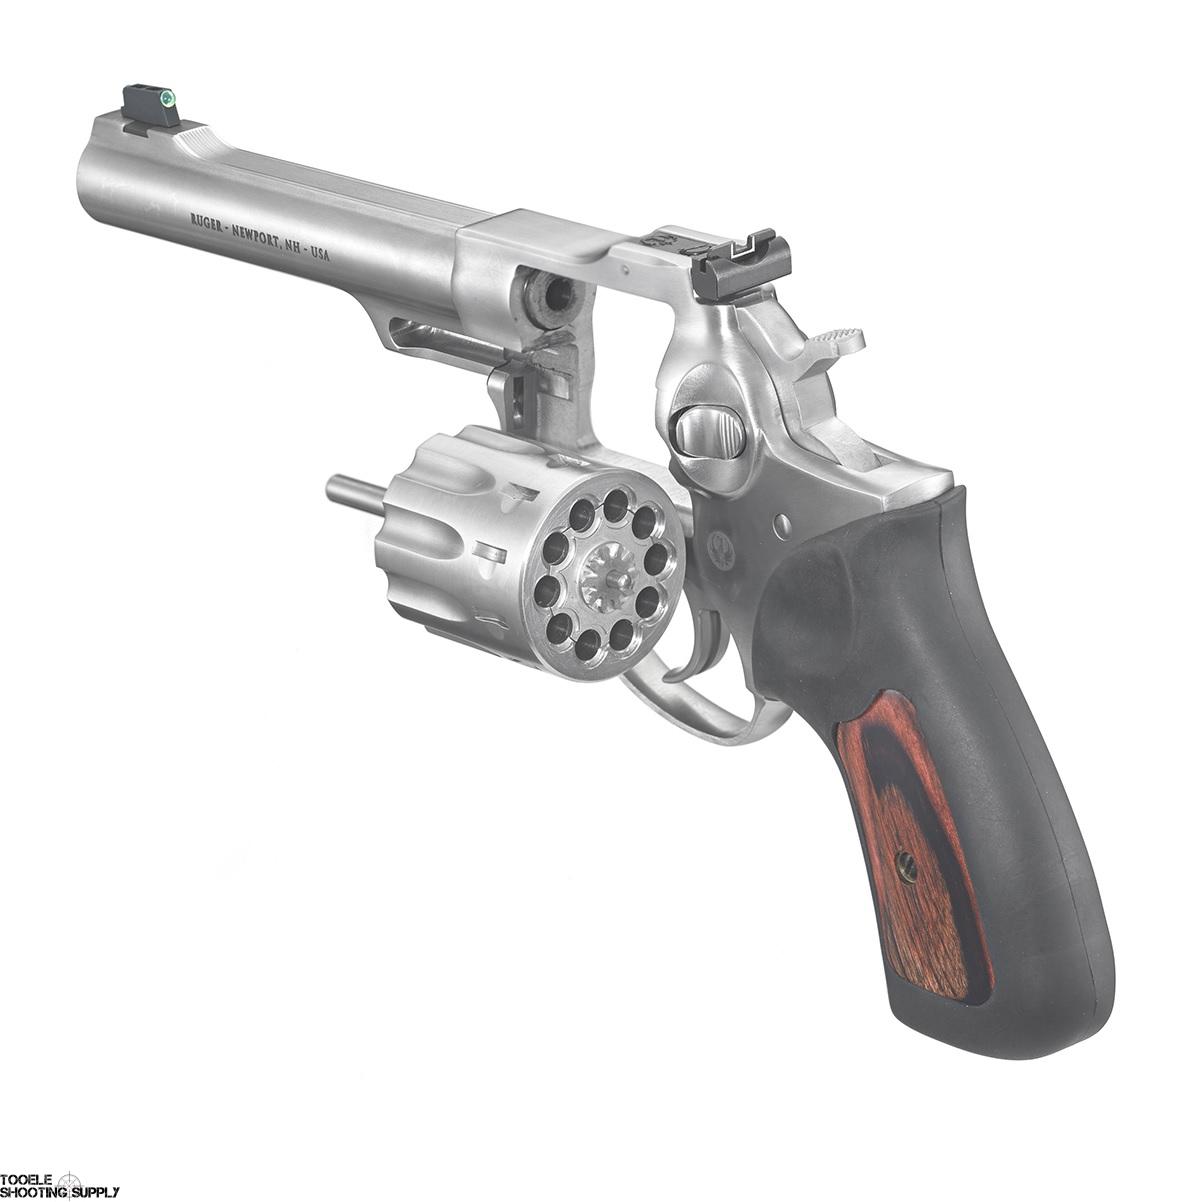 Ruger GP100  22lr Revolver, 10-Round, 5 5 Inch Barrel, Stainless, Rubber/  Hardwood Grips, Ruger 1757